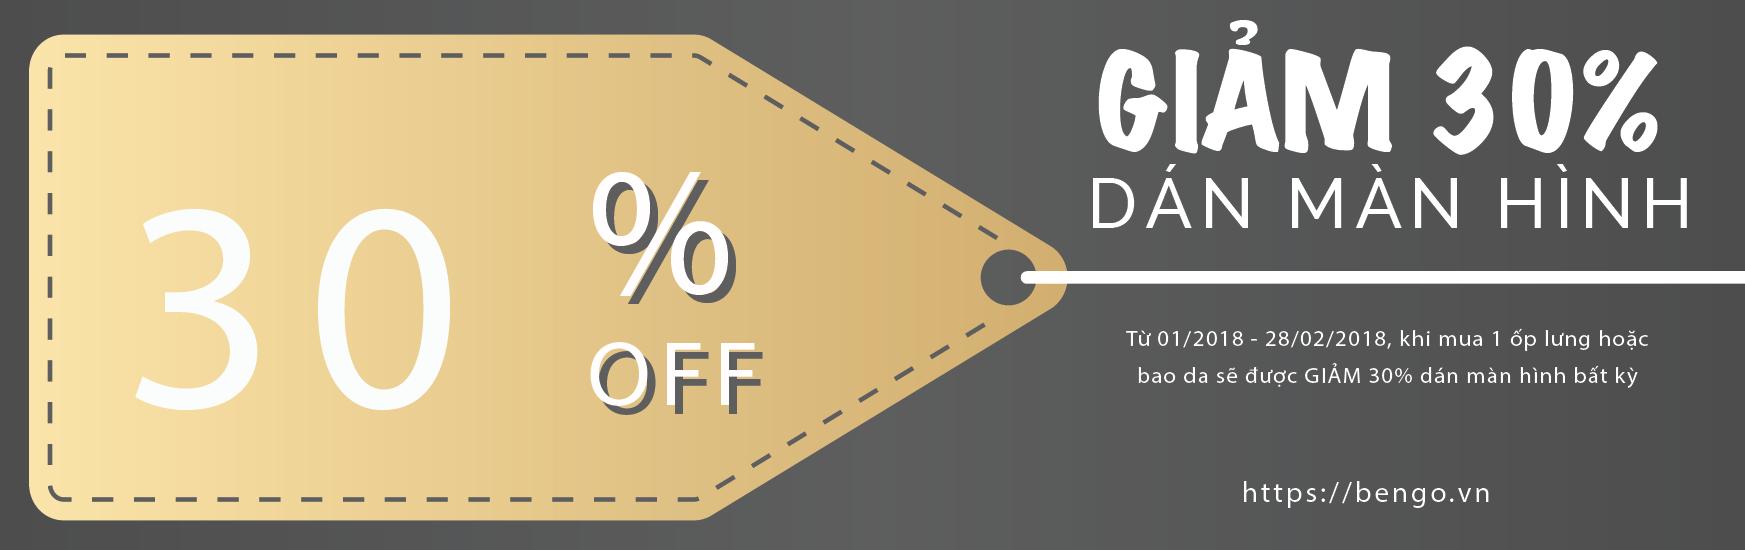 Giảm 30% dán màn hình khi mua kèm ốp lưng hoặc bao da